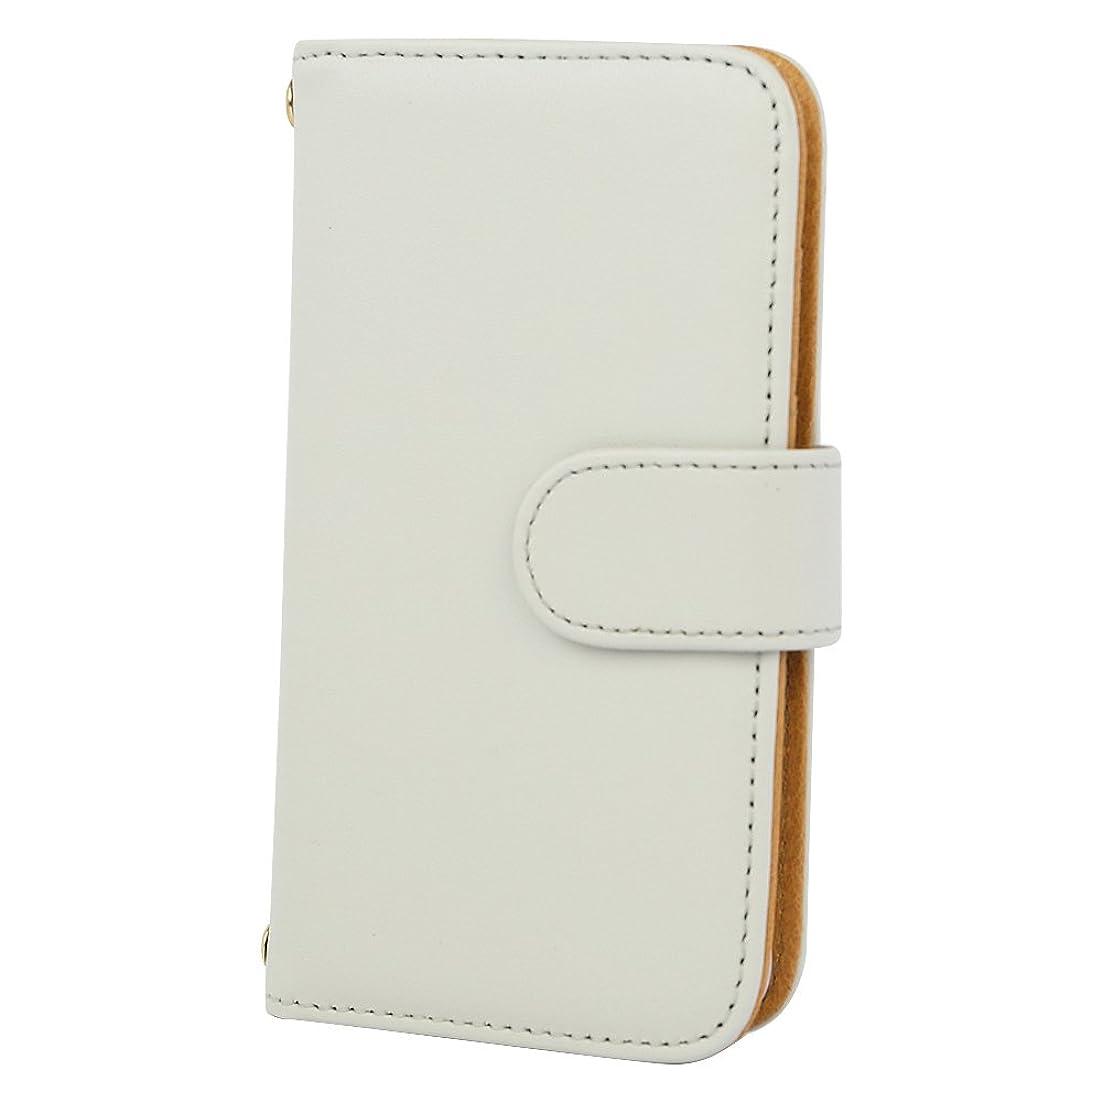 [スマ通] iPhone SE スマホケース スマホカバー 携帯ケース 携帯カバー カバー ケース 手帳型 本革 ホワイト Apple アップル アイフォン エスイー docomo au SoftBank SIMフリー